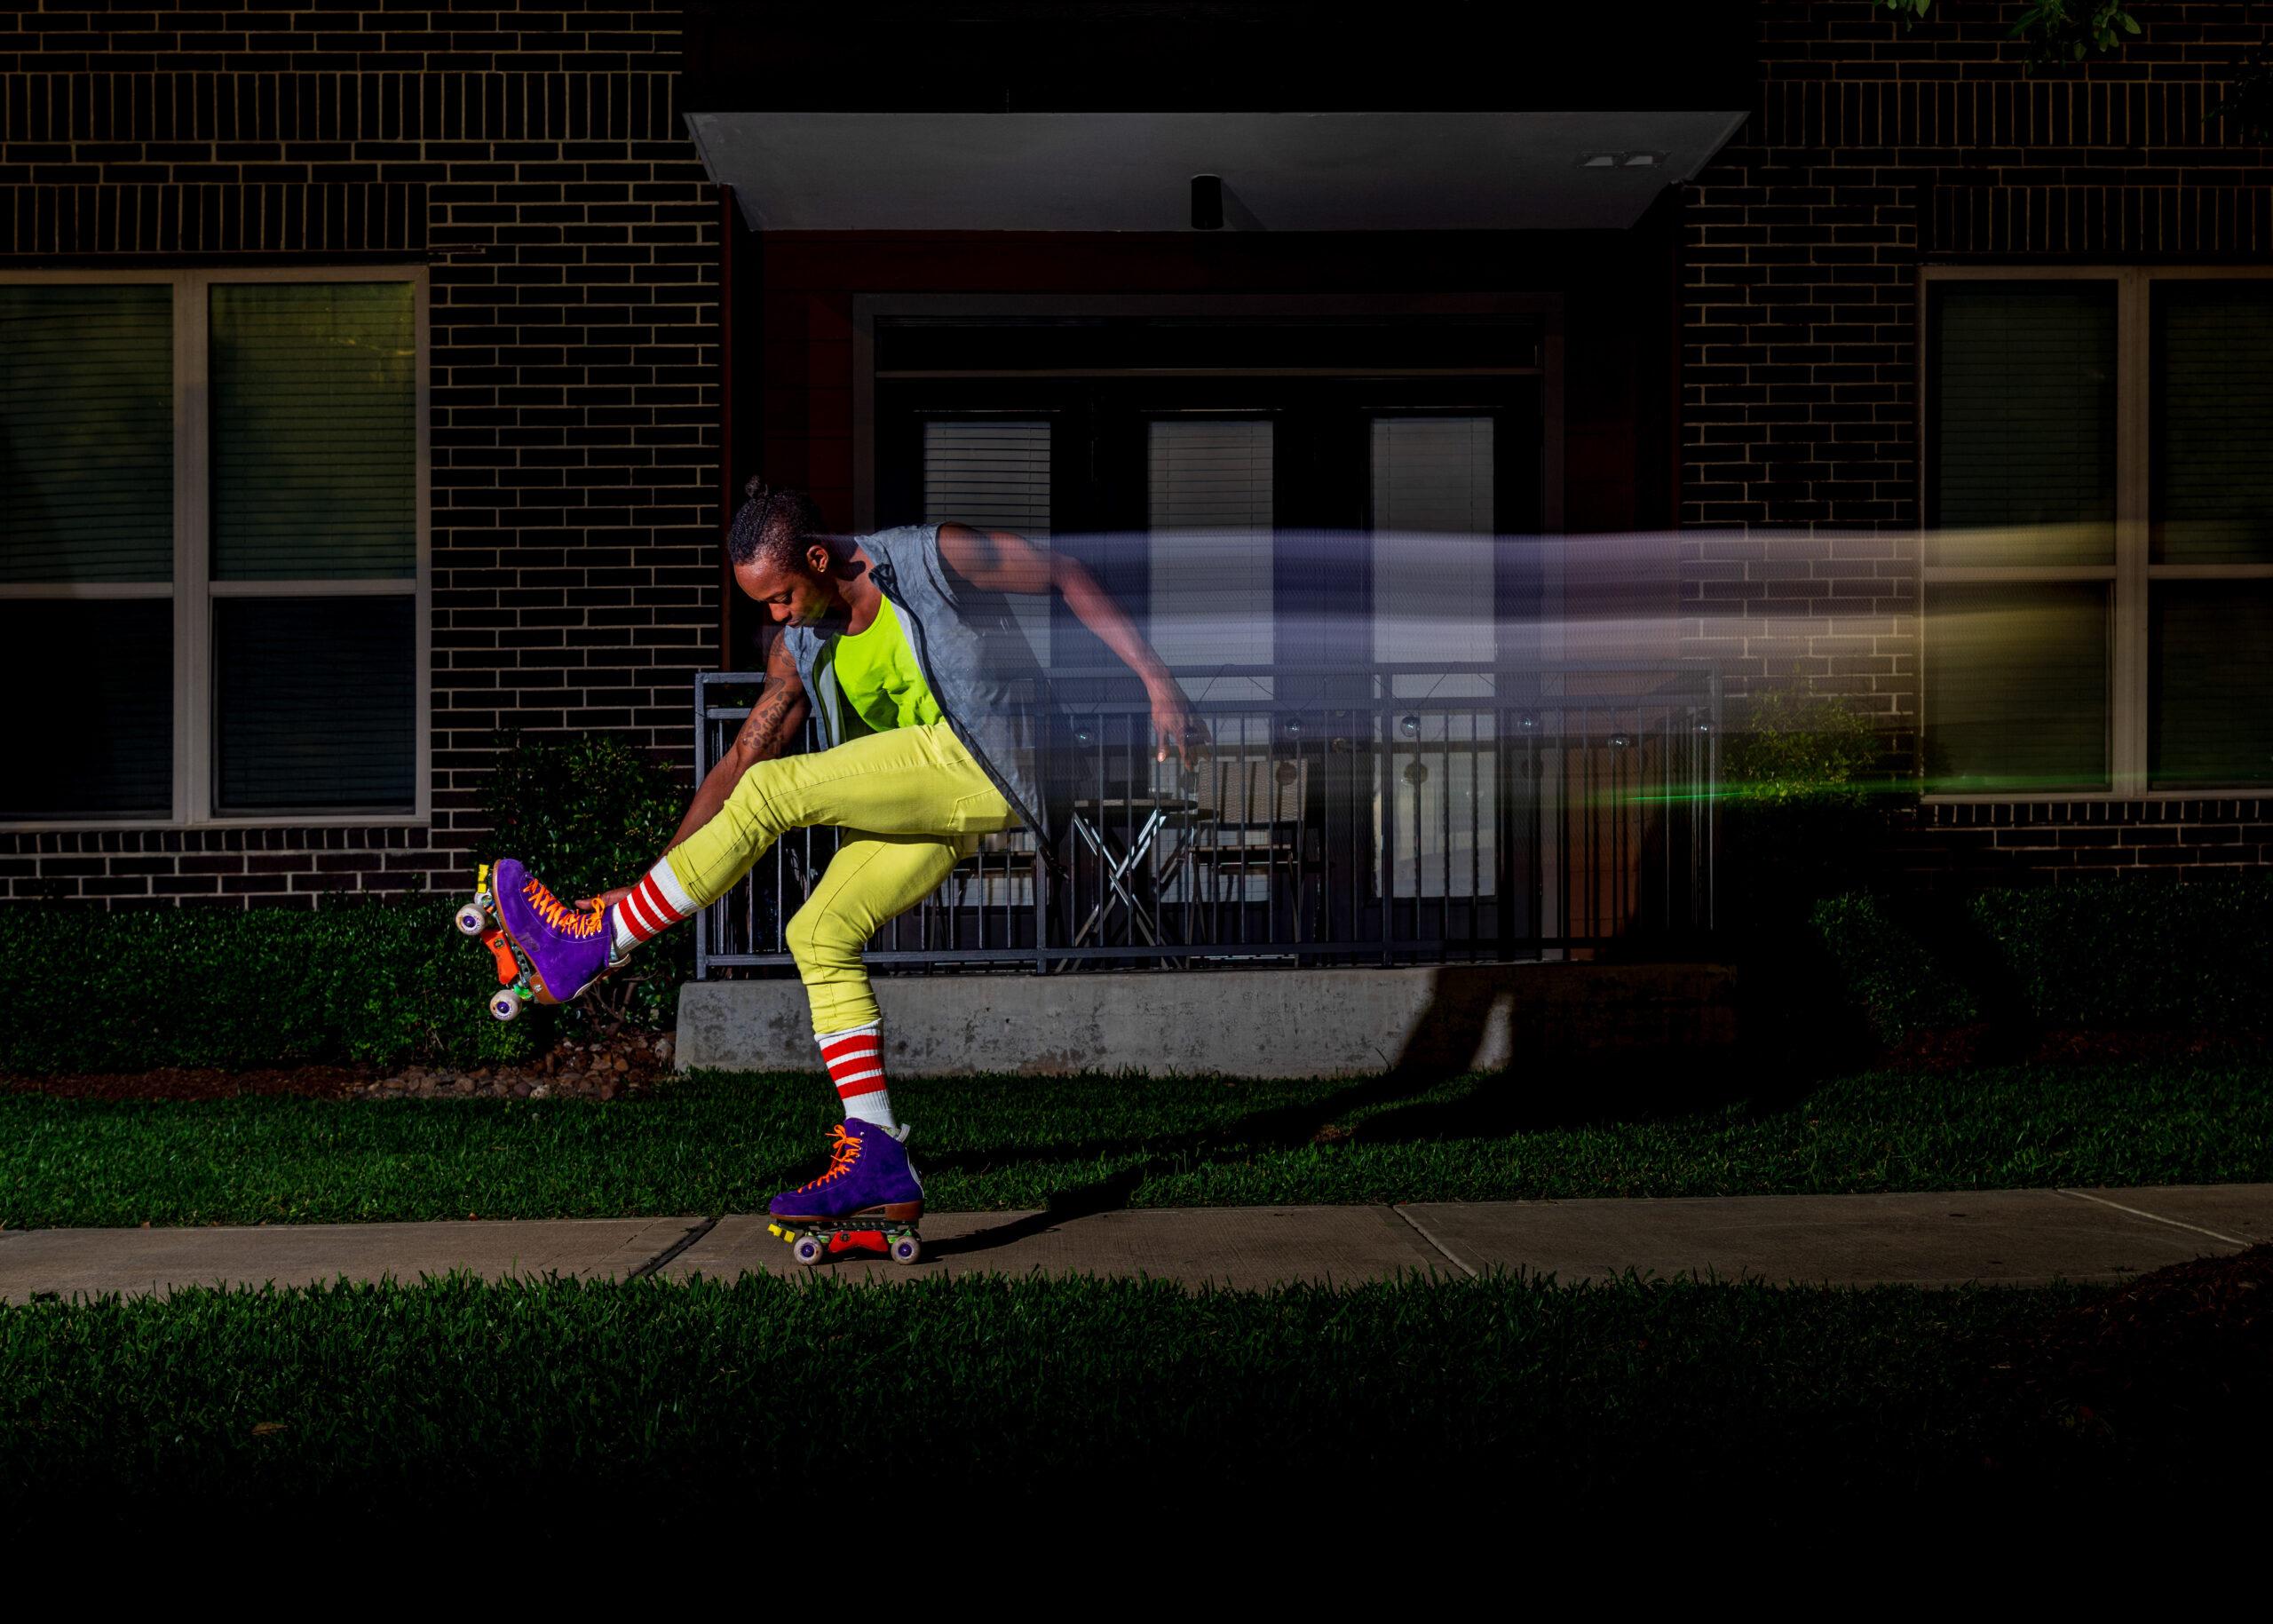 hcp-skate-blur-2